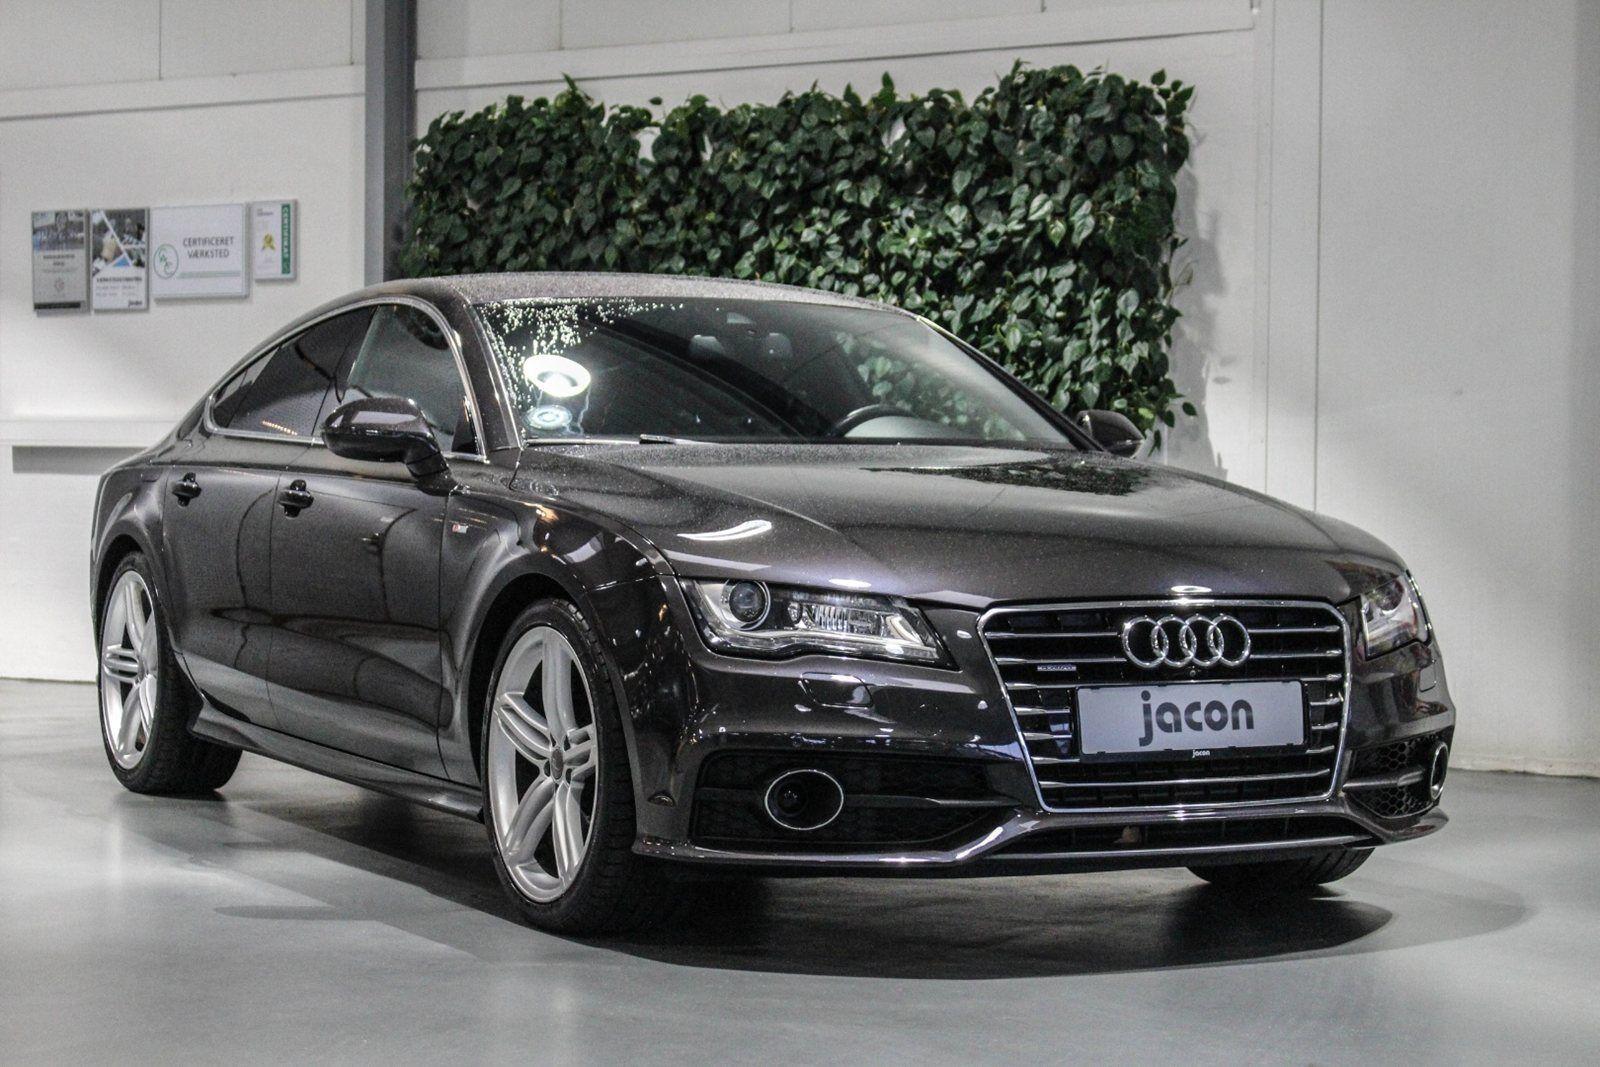 Audi A7 3,0 TDi 245 SB quattro S-tr. 5d - 3.999 kr.